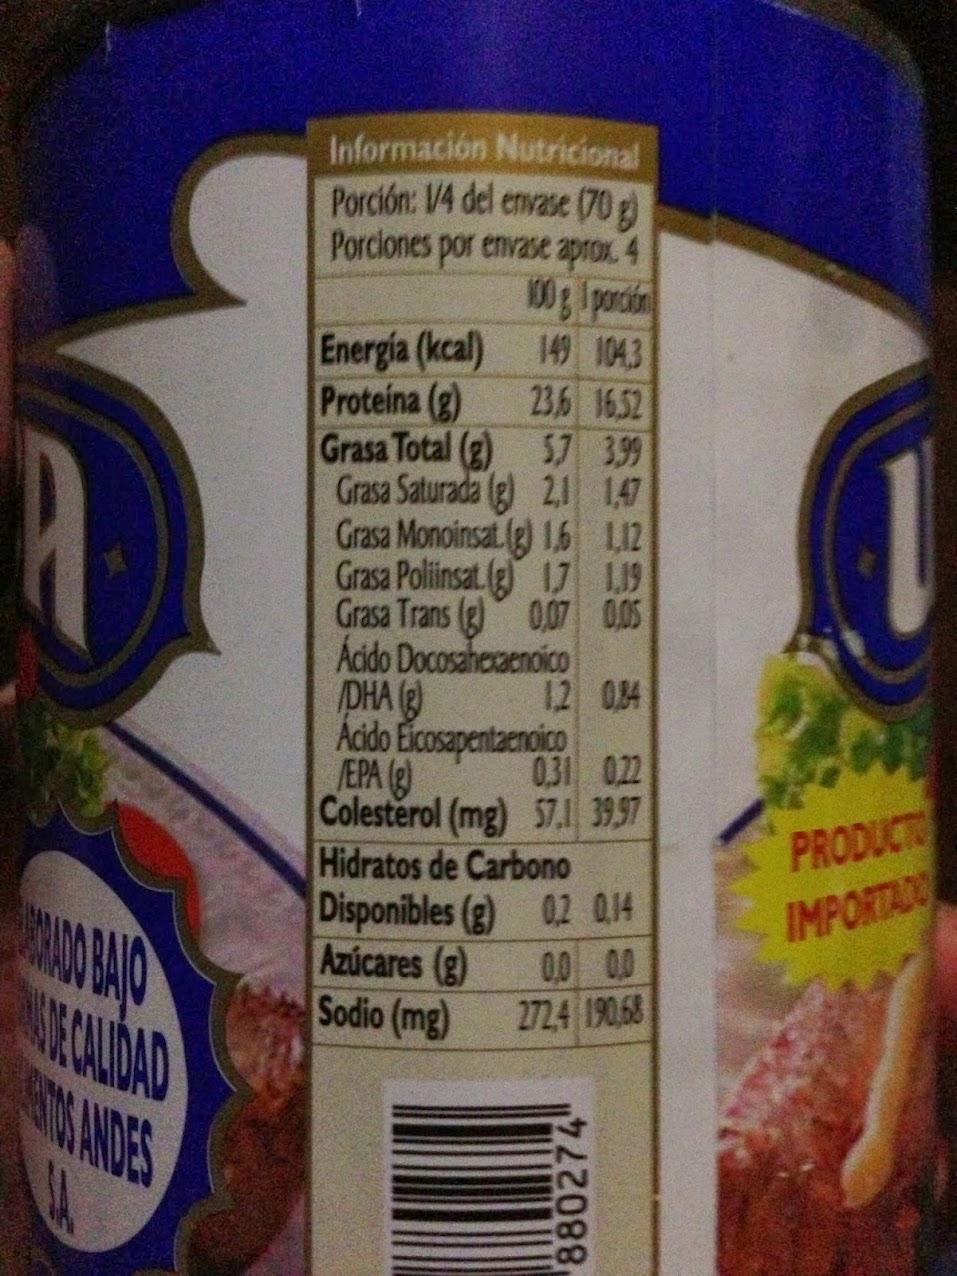 Diferencias en info nutricional del Jurel IMG_1354